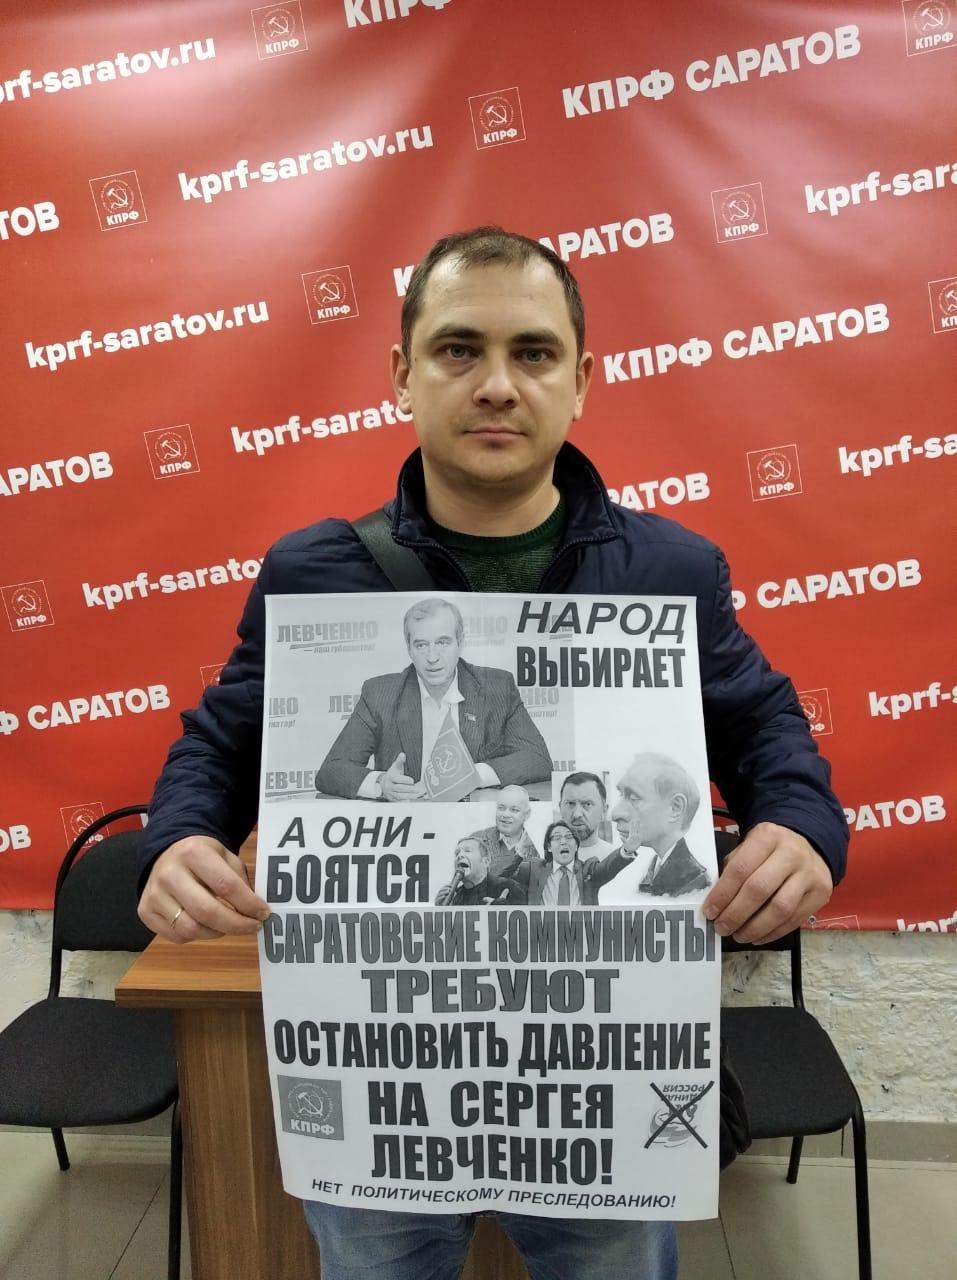 Саратовские коммунисты выступили в защиту Сергея и Андрея Левченко